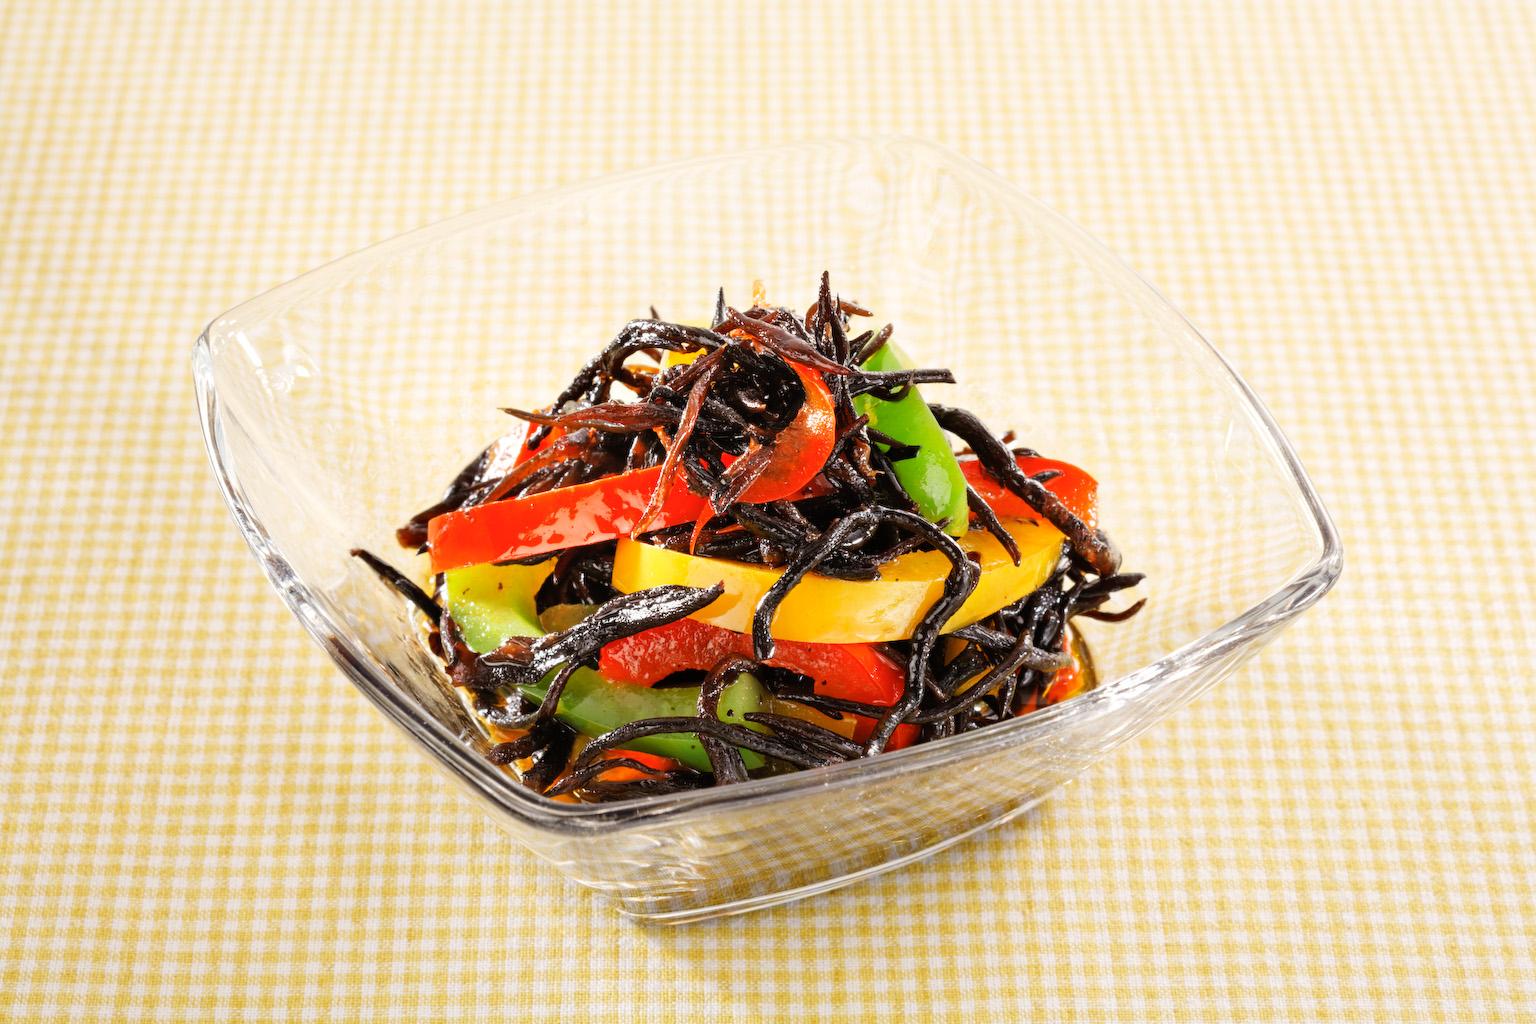 美容に嬉しいひじき☆煮物だけじゃない!ひじきの絶品サラダレシピ10のサムネイル画像